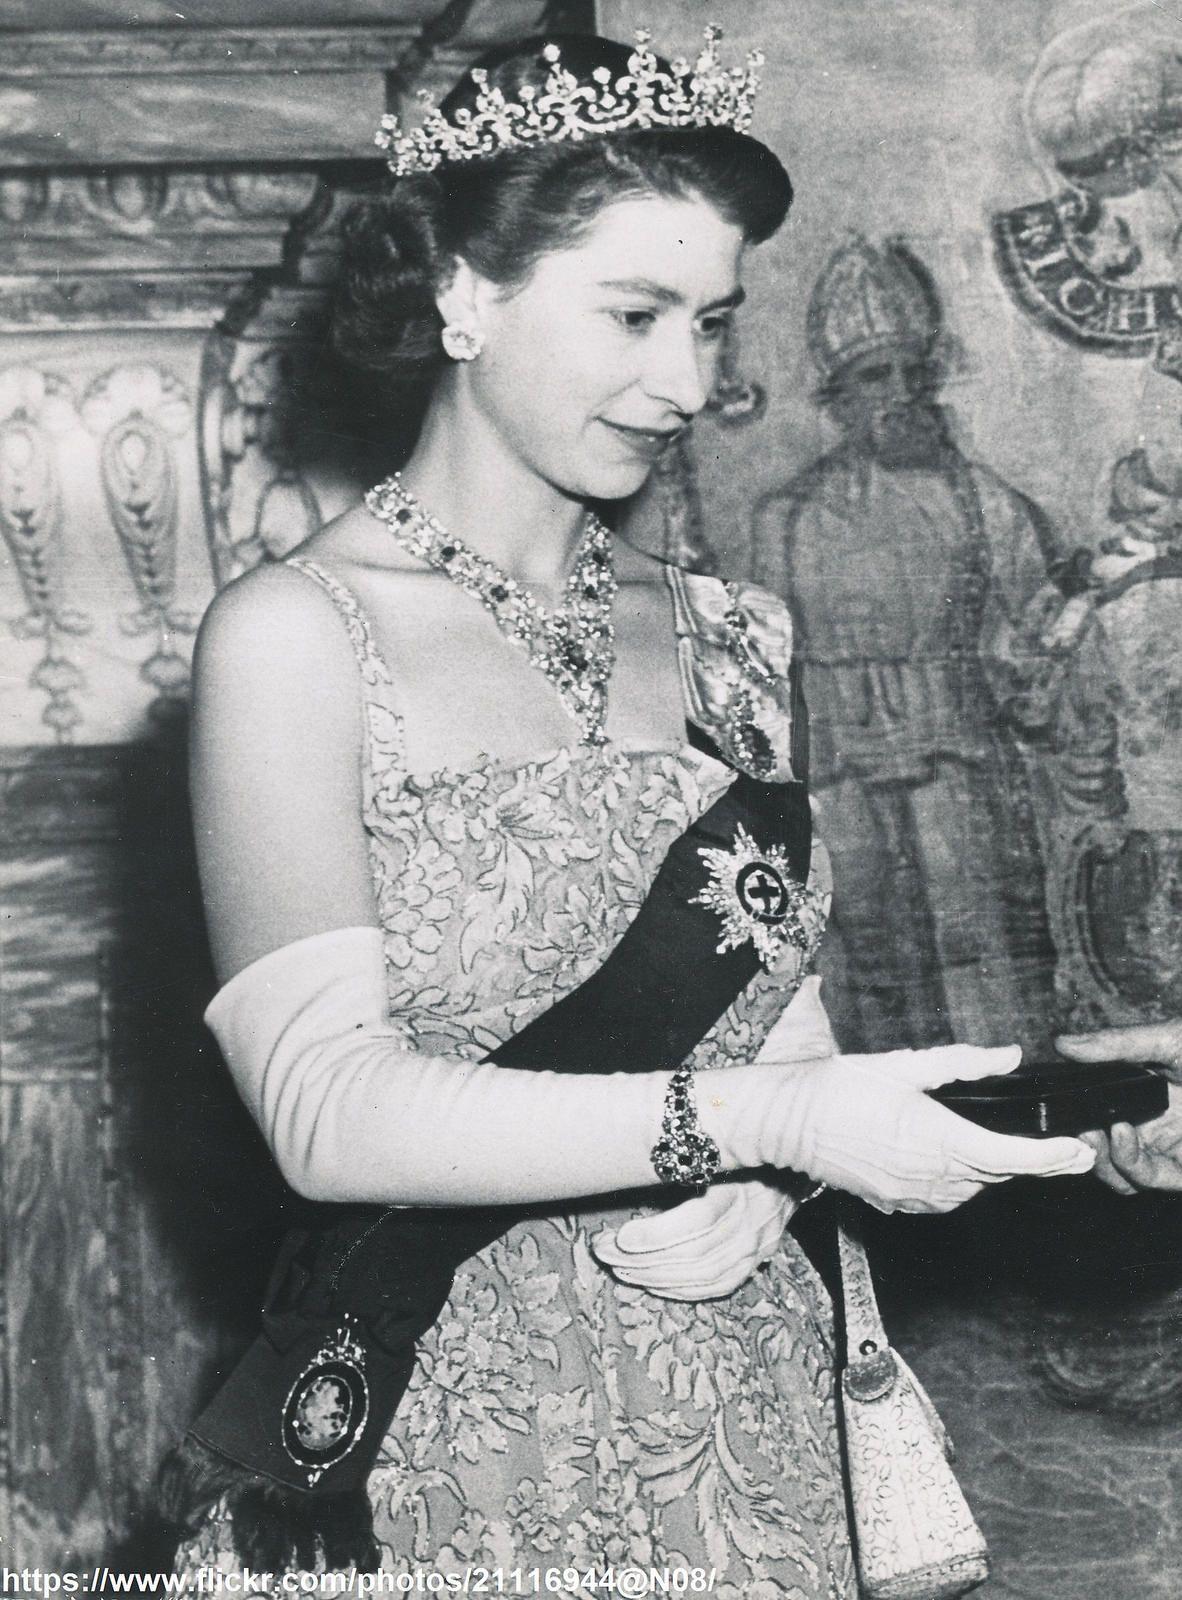 May 27 1953. Young Queen Elizabeth. Young queen